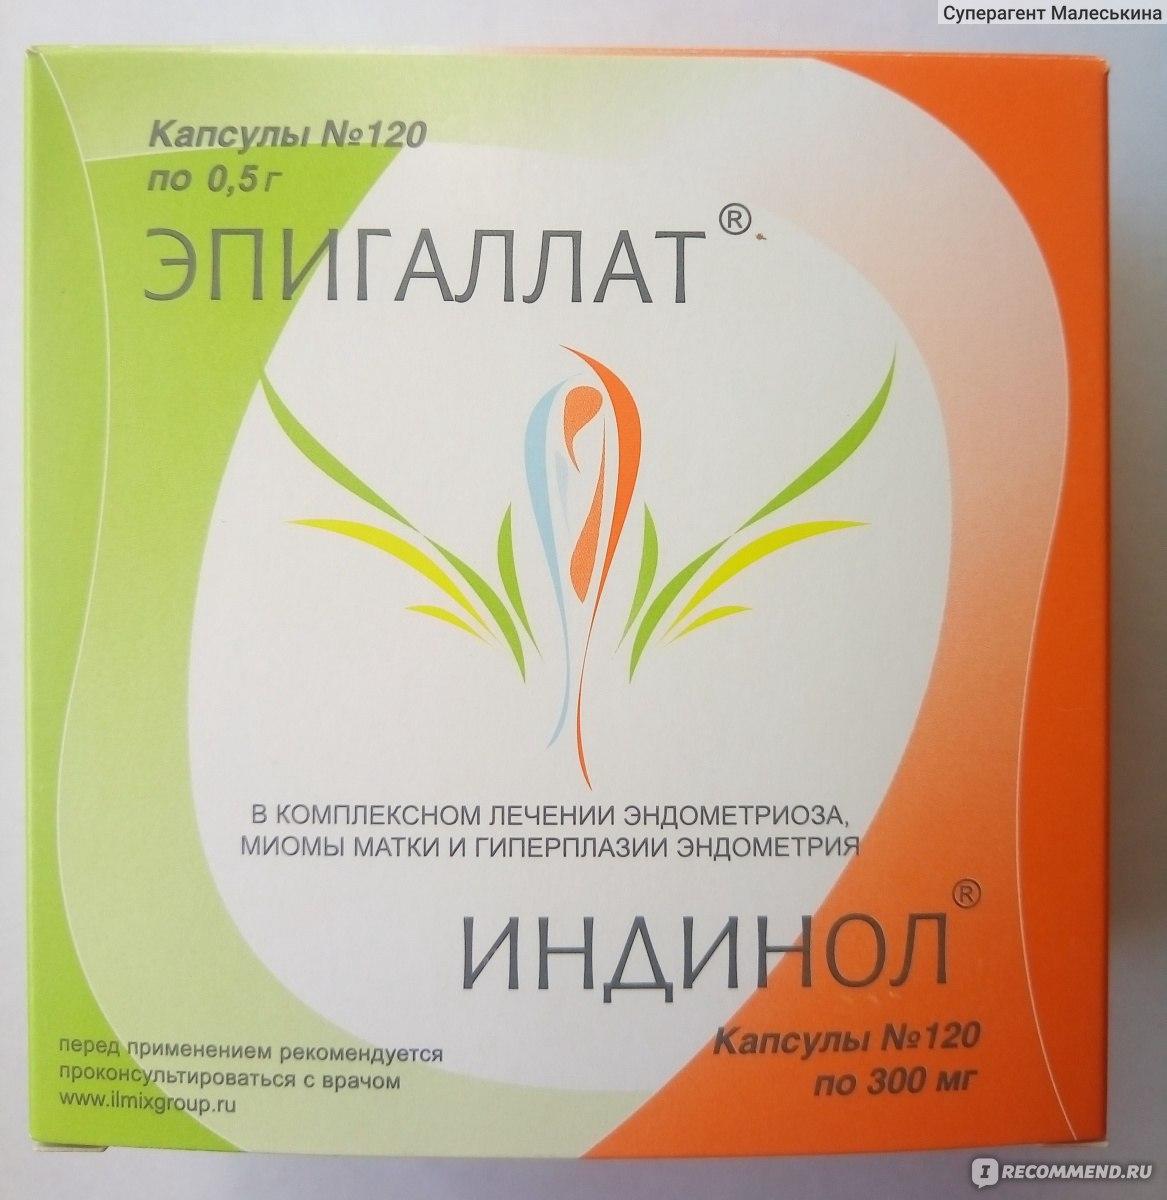 Индинол: инструкция по применению, аналоги и отзывы, цены в аптеках россии